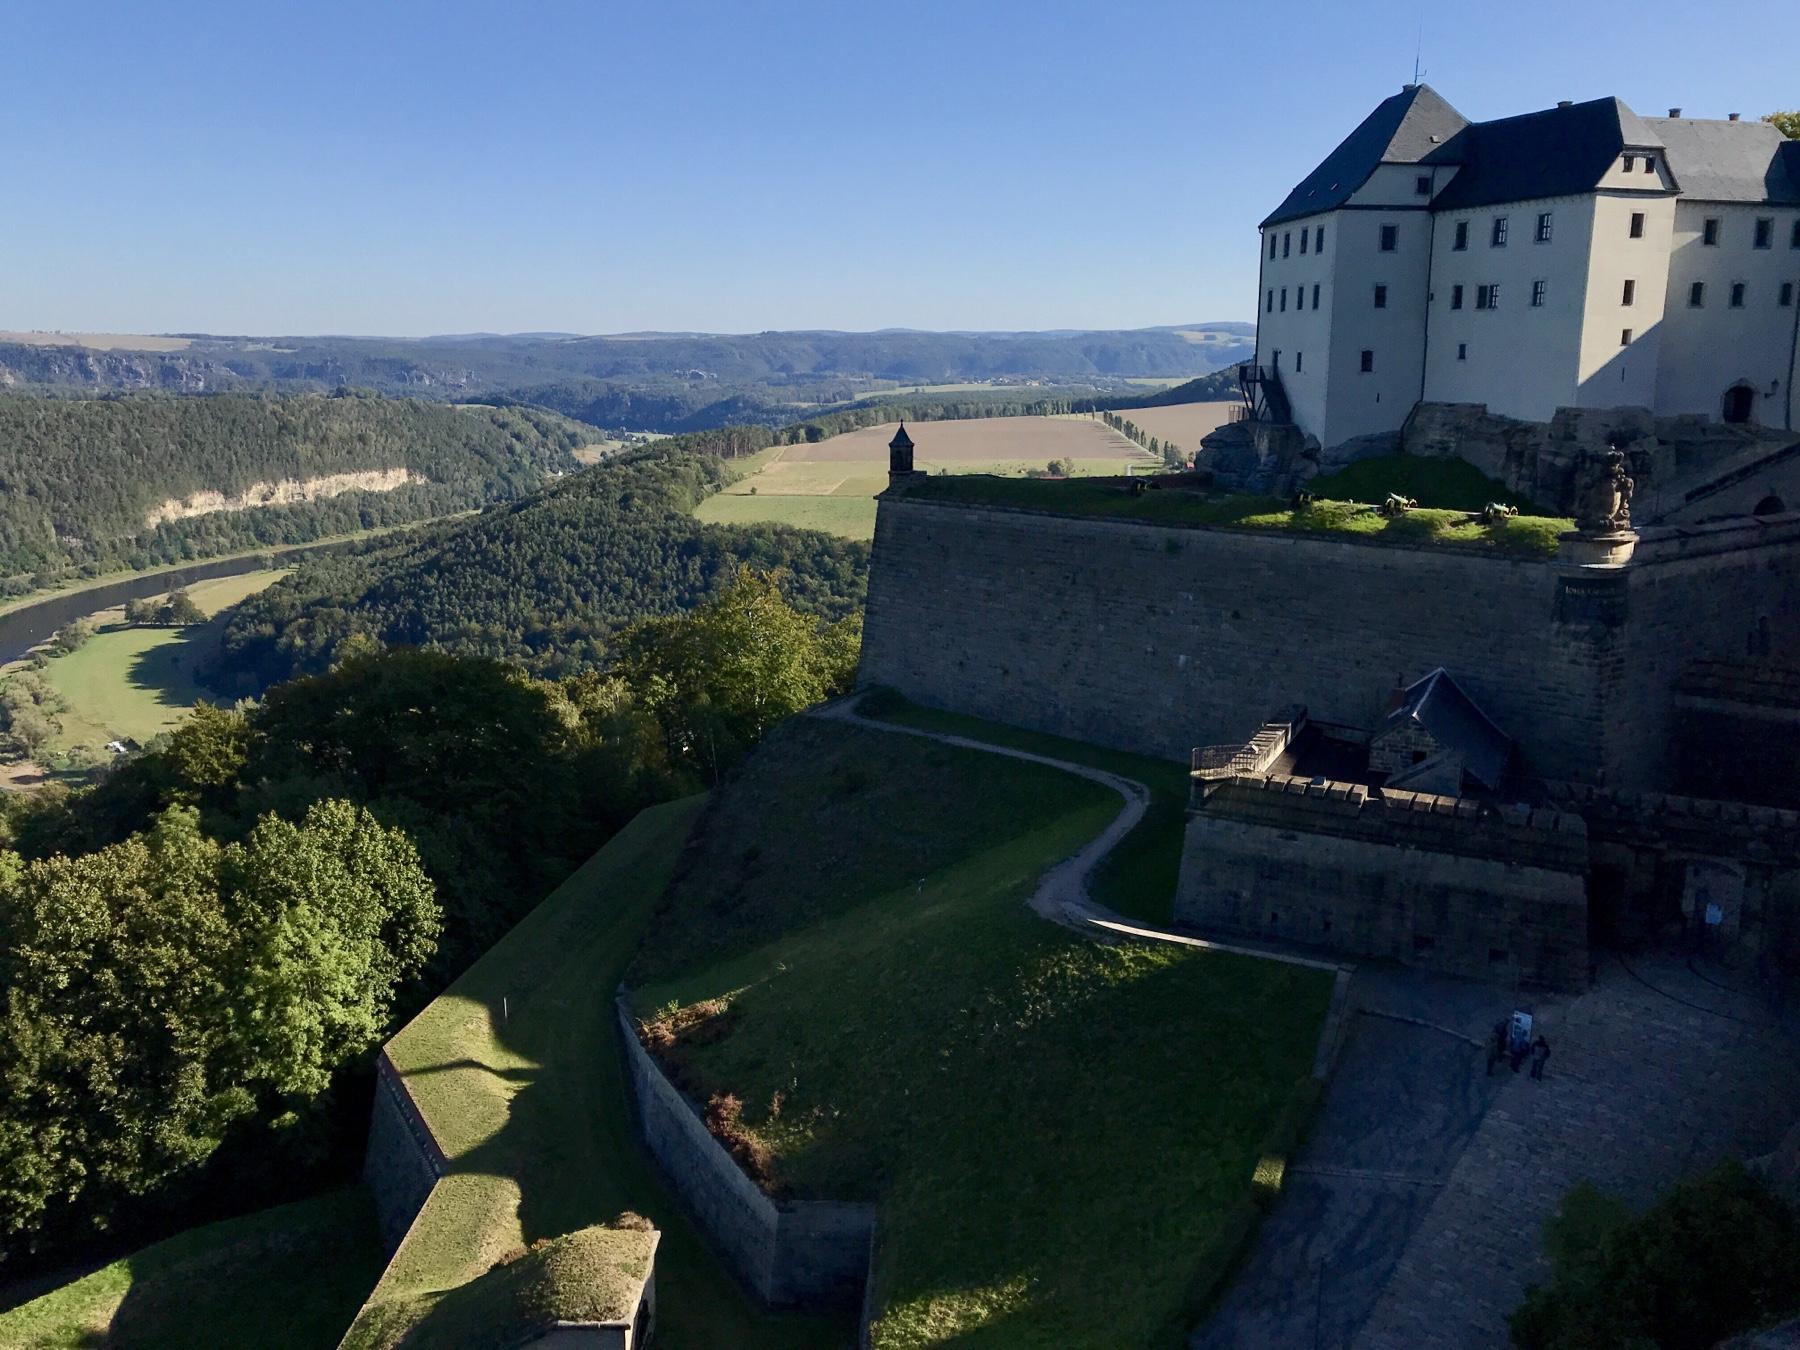 Georgenburg Festung Königstein Malerweg